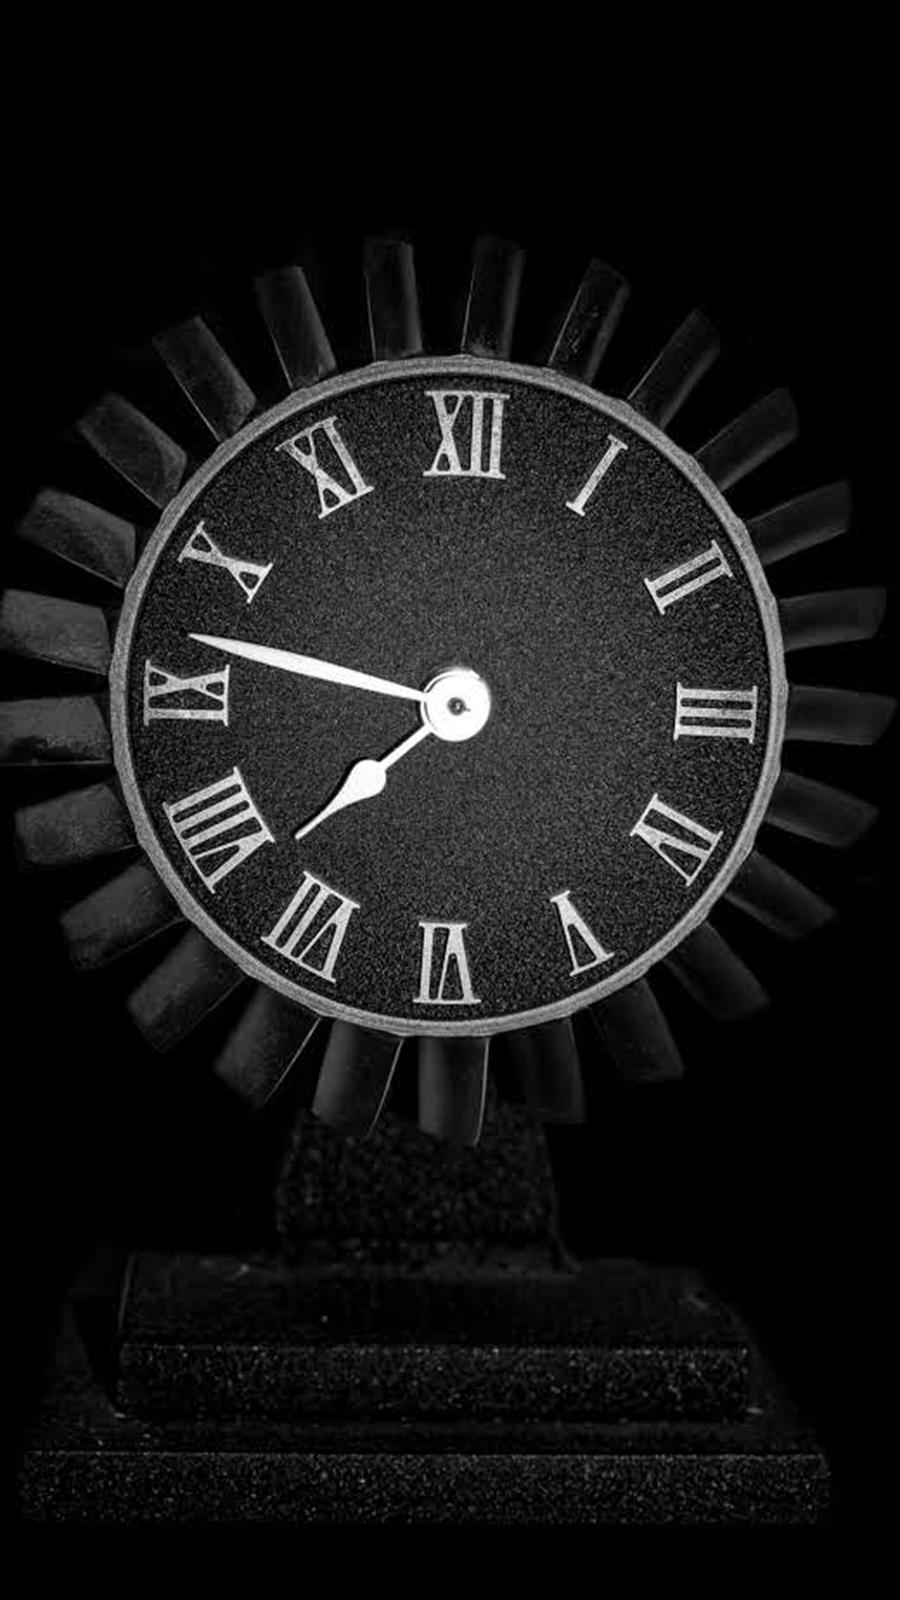 Clock Wallpapers – Clock Wallpaper Free Download